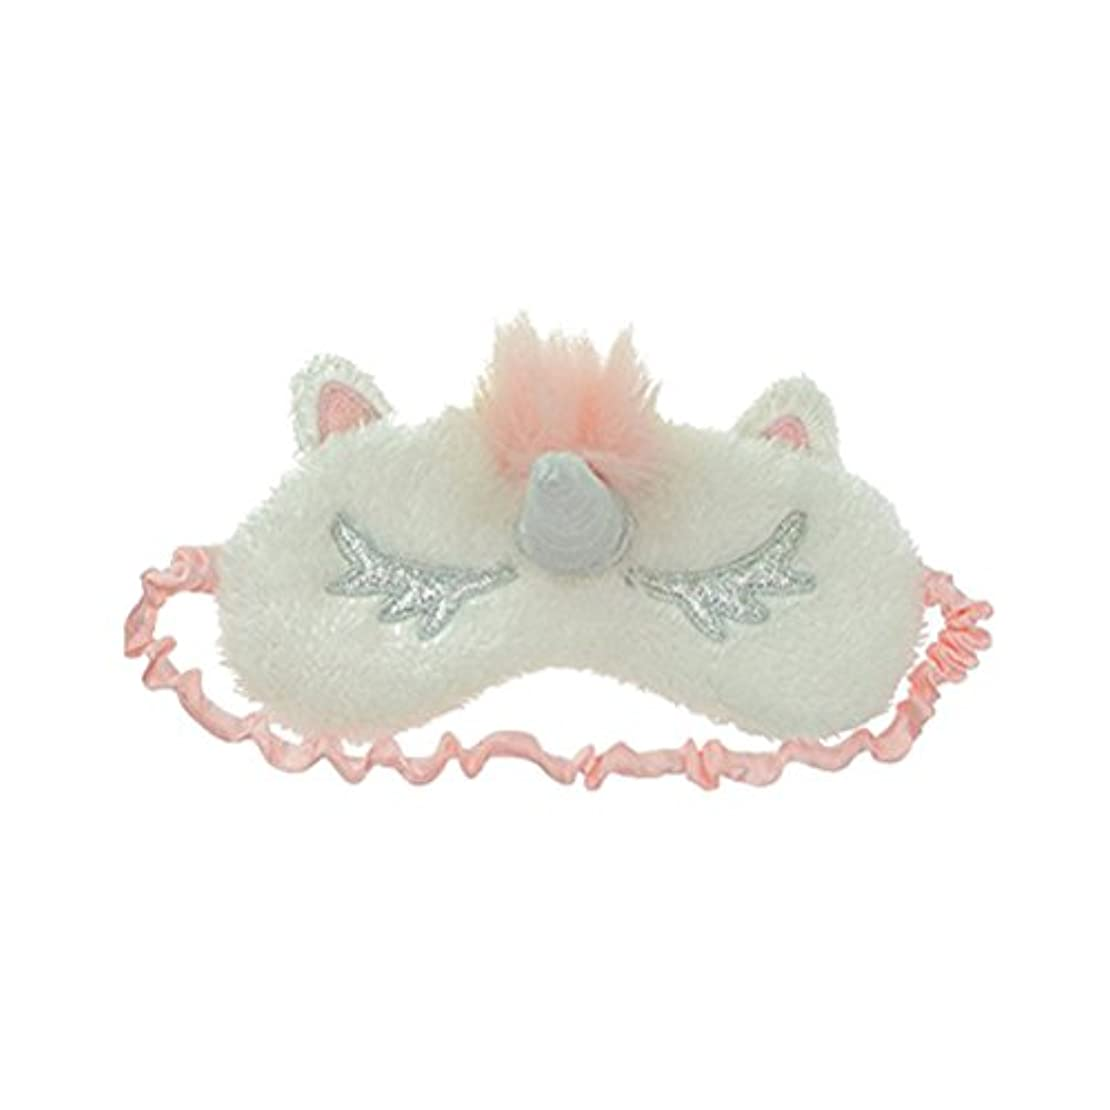 HEALIFTY ユニコーンスリープアイマスクカバーかわいいアイシェイドスリープナップ瞑想用の目隠し